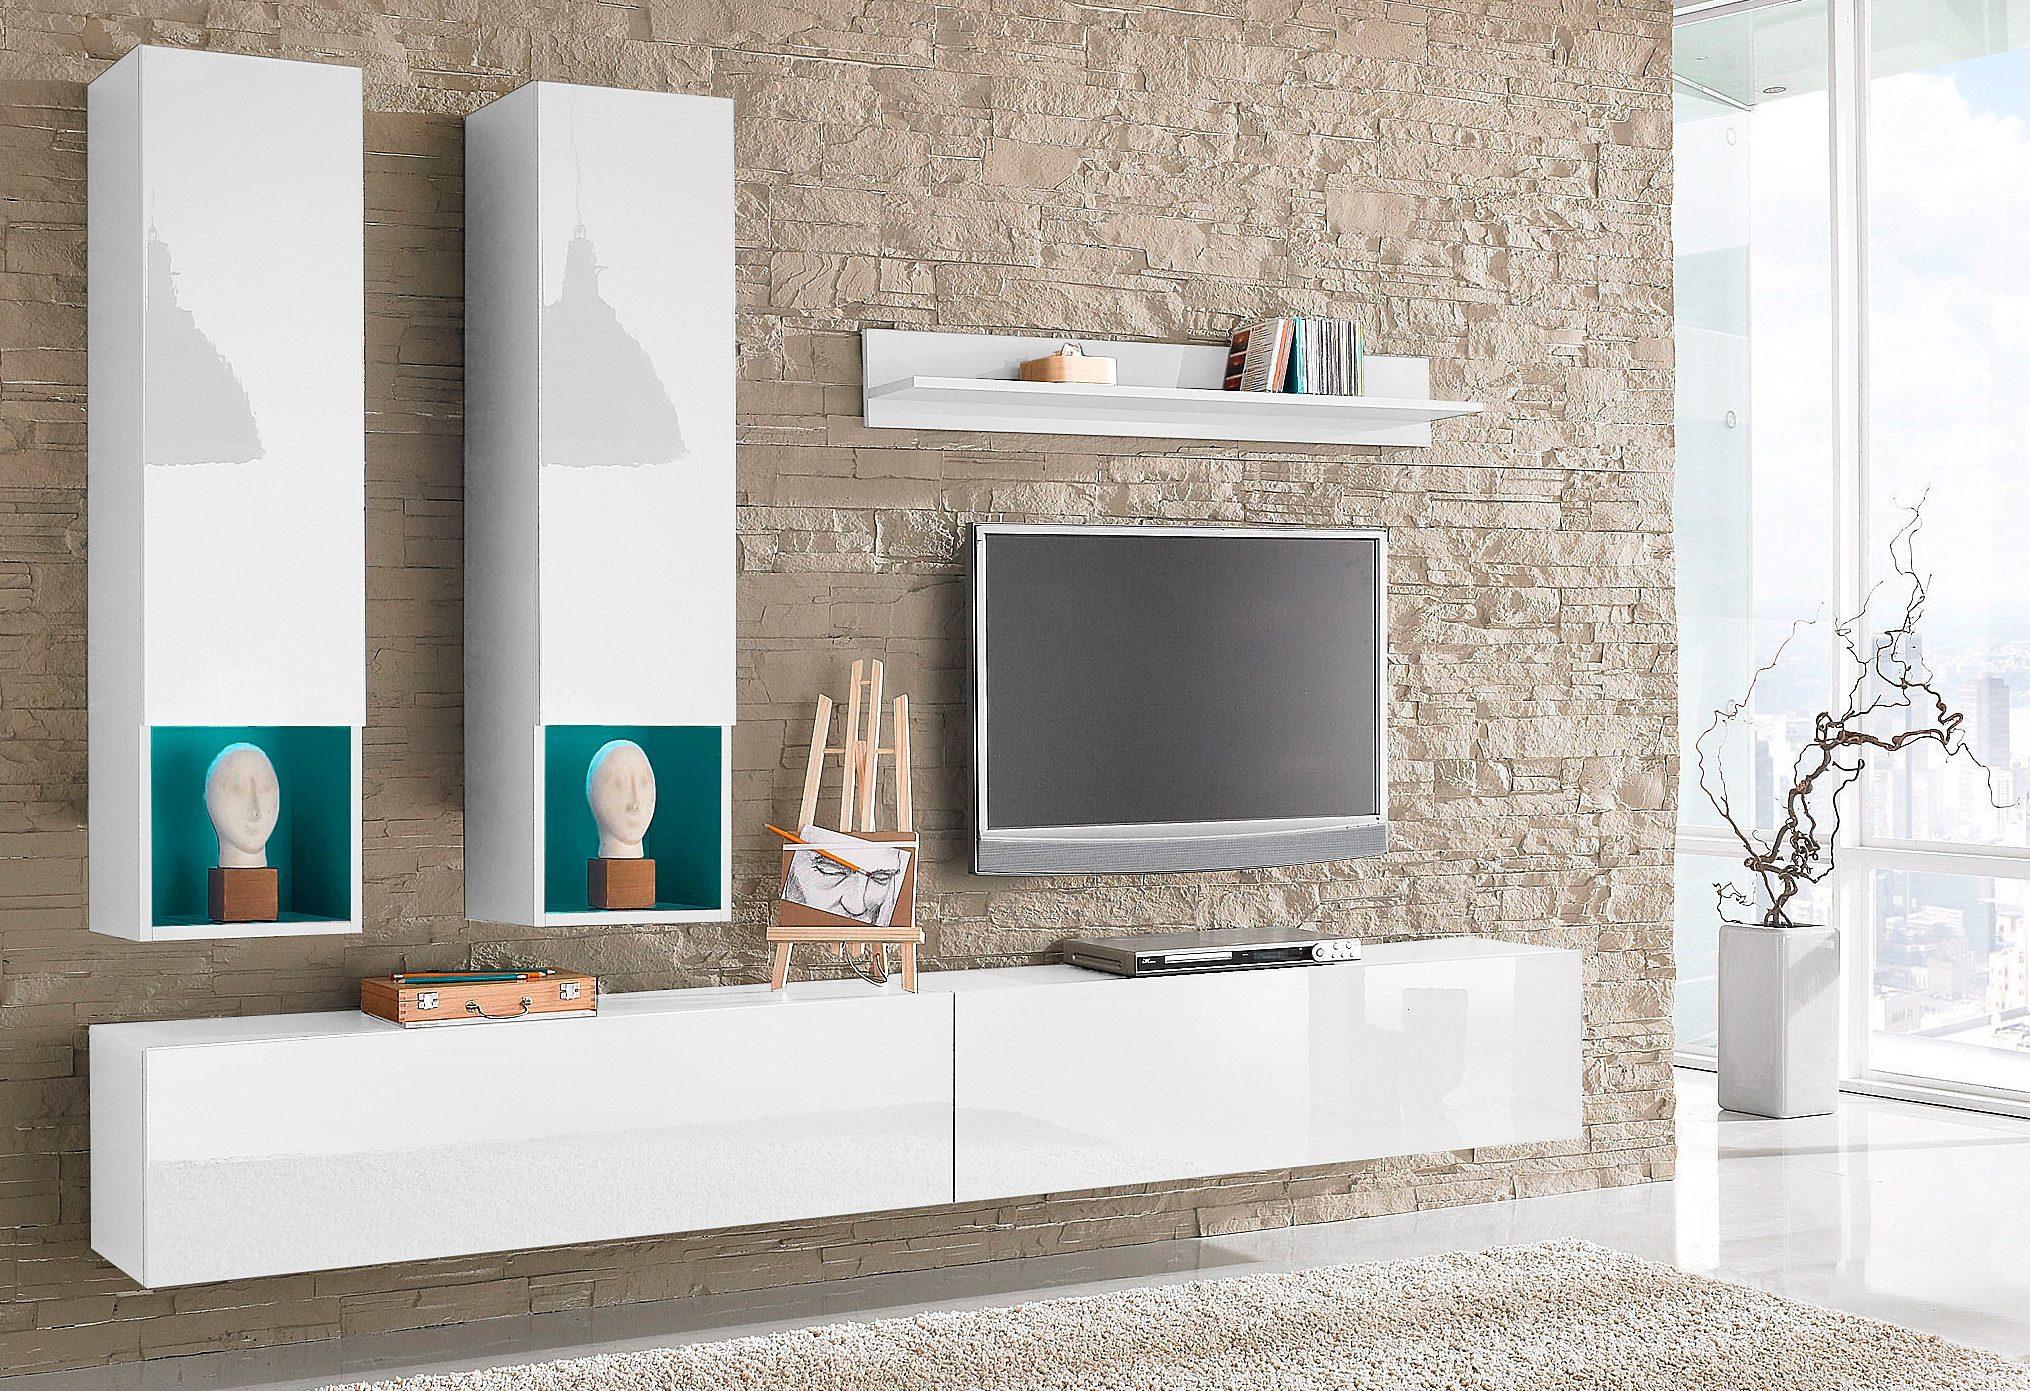 Wohnzimmerwand Weiss Holz - Ideen für Hausdesign, Hochzeit ...